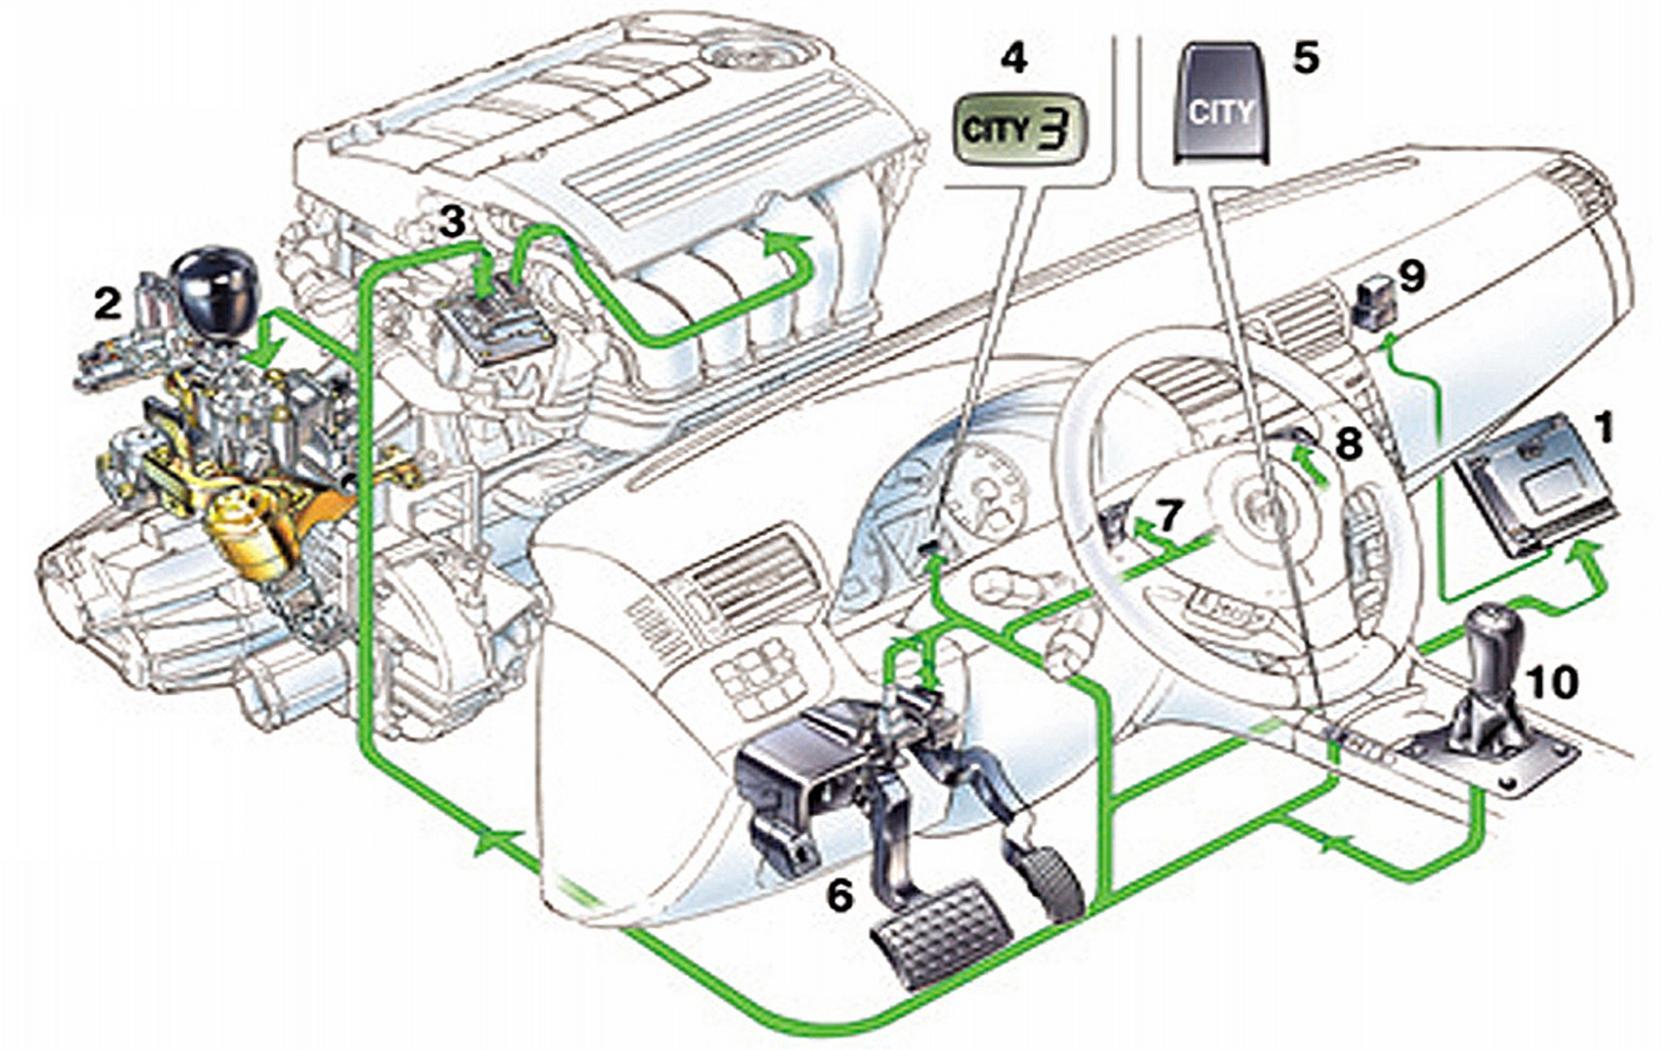 Fiat Stilo Wiring Diagrams Punto Diagram Mk Scudo Doblo Image Ducato Annavernon On